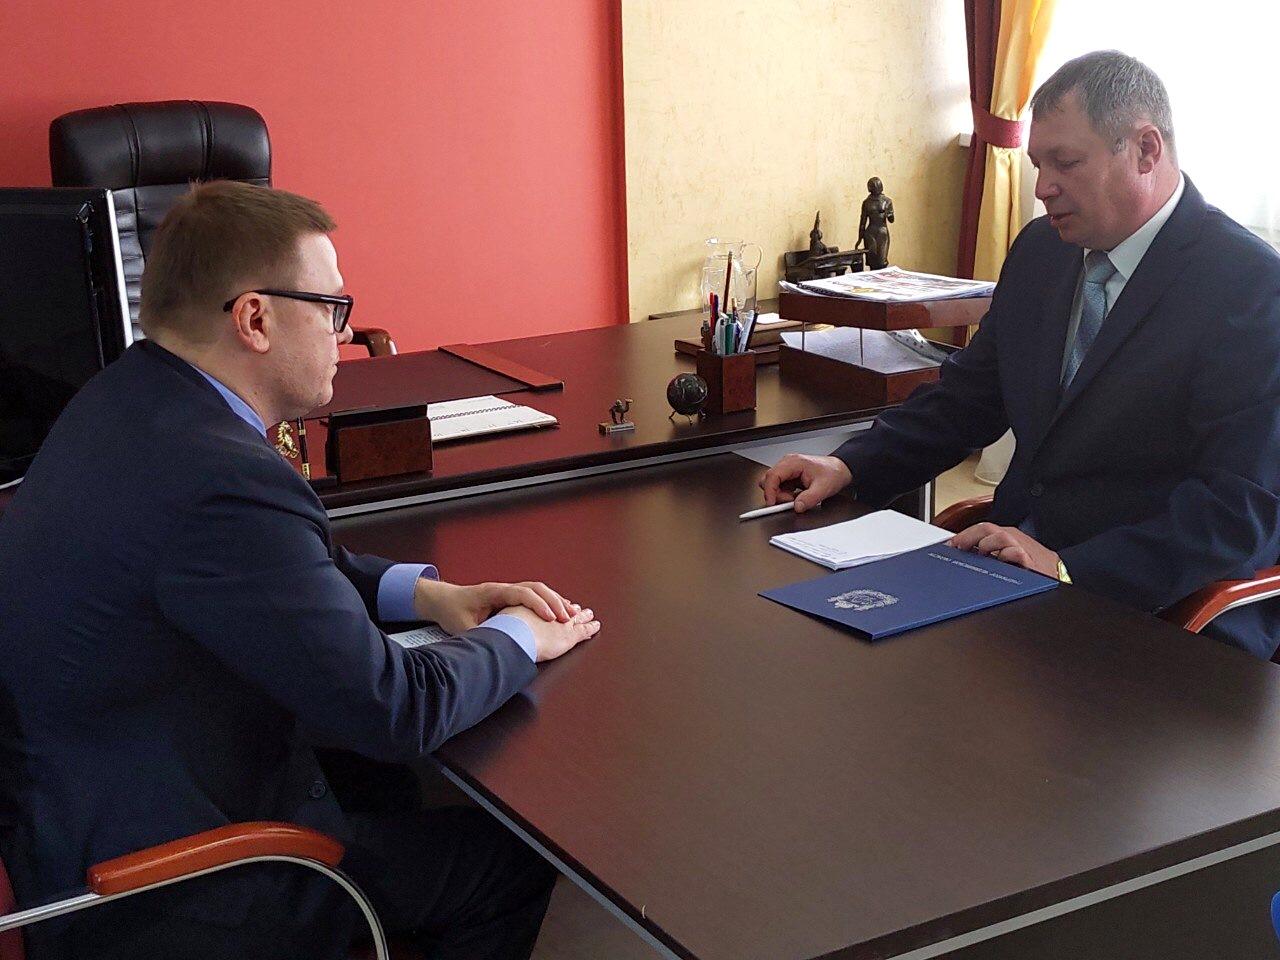 Глава Варненского муниципального района Константин Моисеев получил свою папку с наказами от време